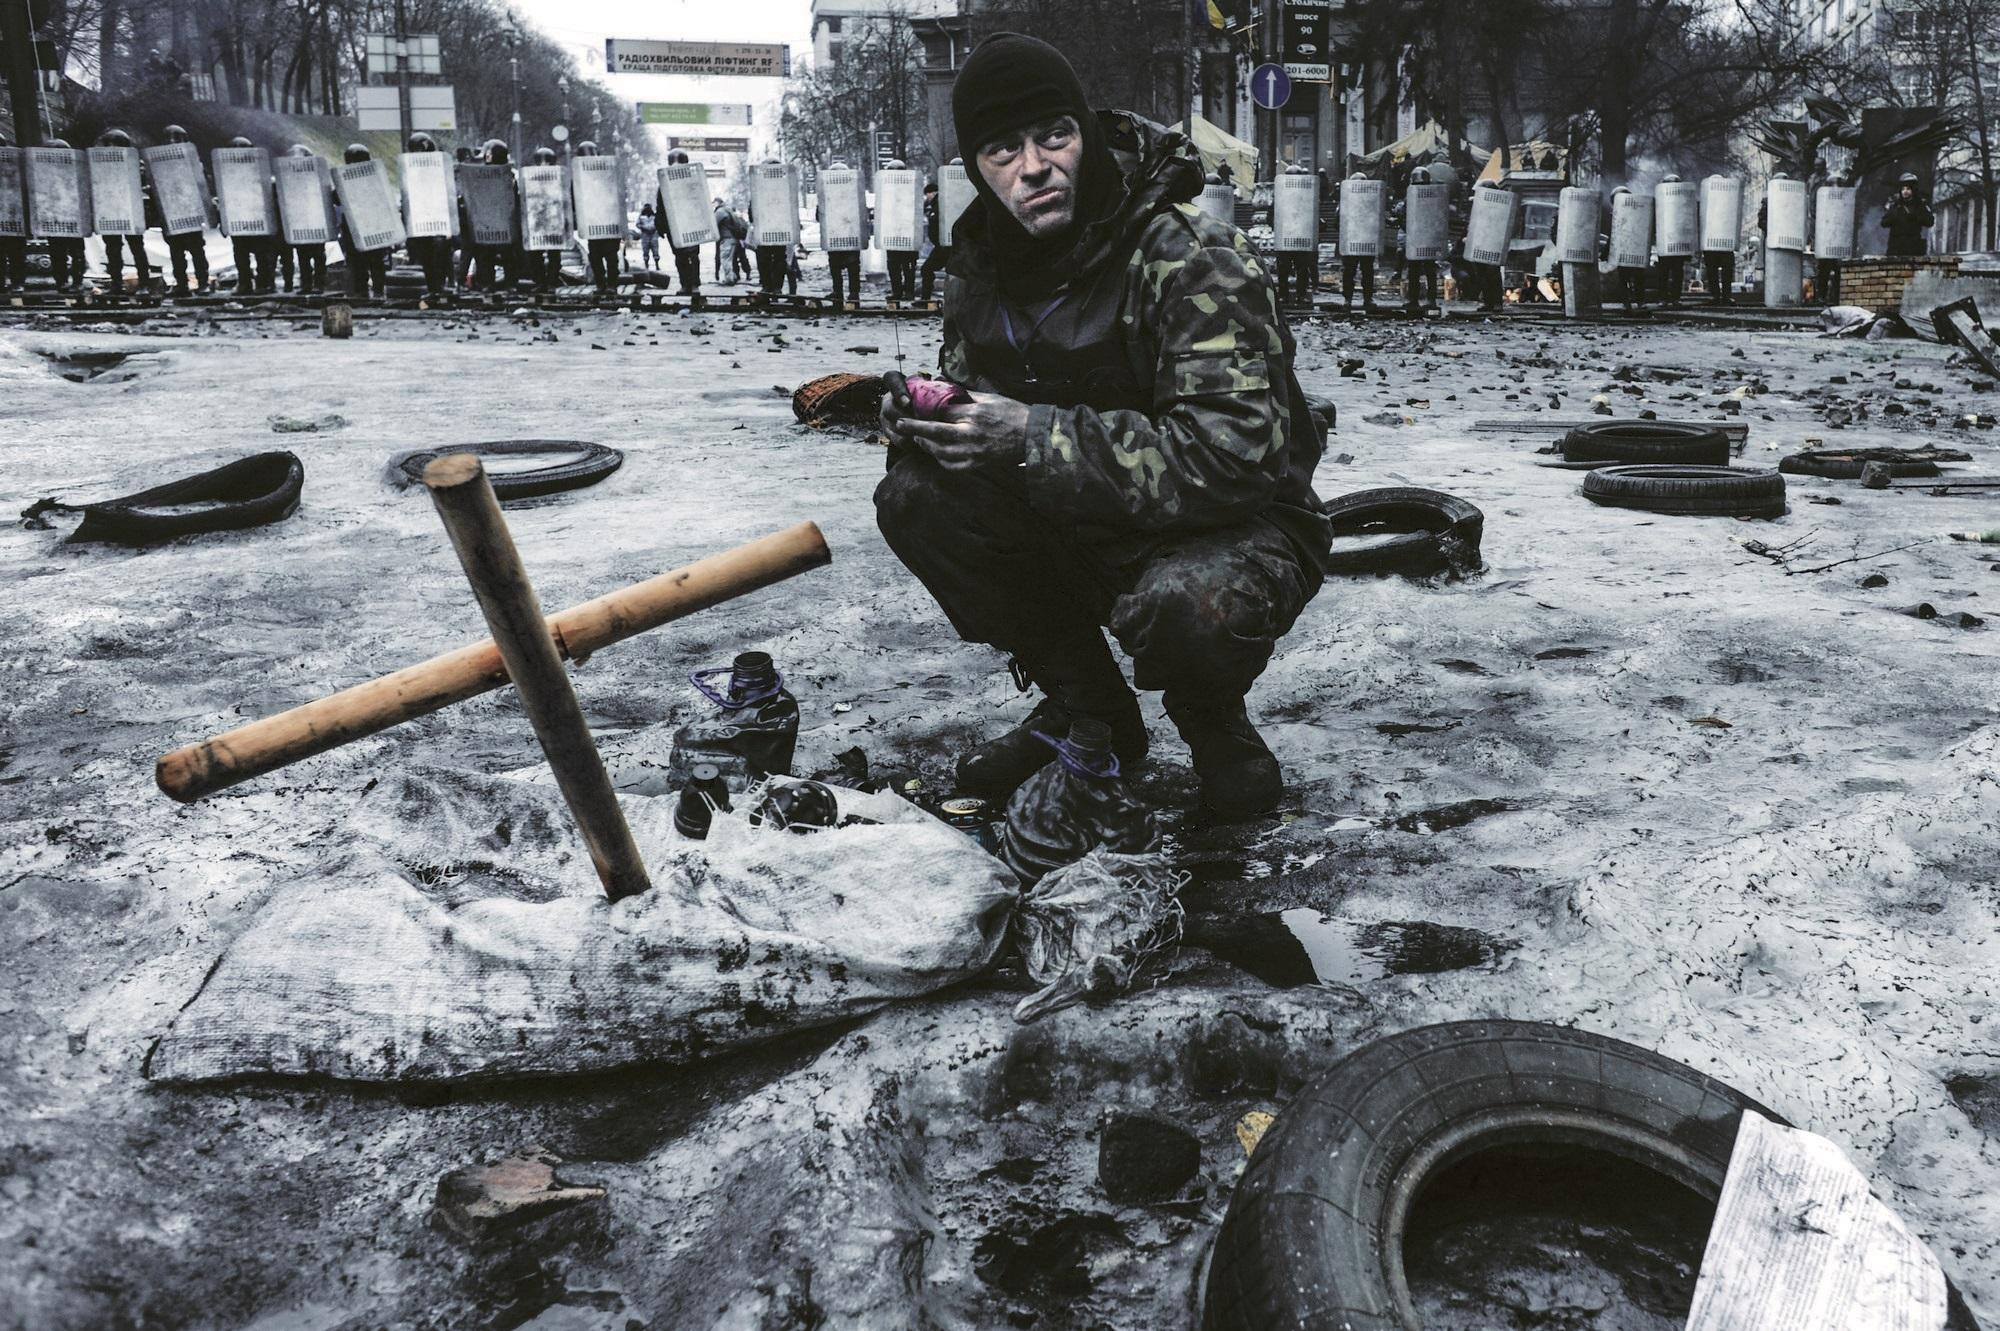 Majdan, Kijów, Ukraina, luty 2014. Fot. Jakub Szymczuk / Foto Gość (źródło: materiały prasowe)